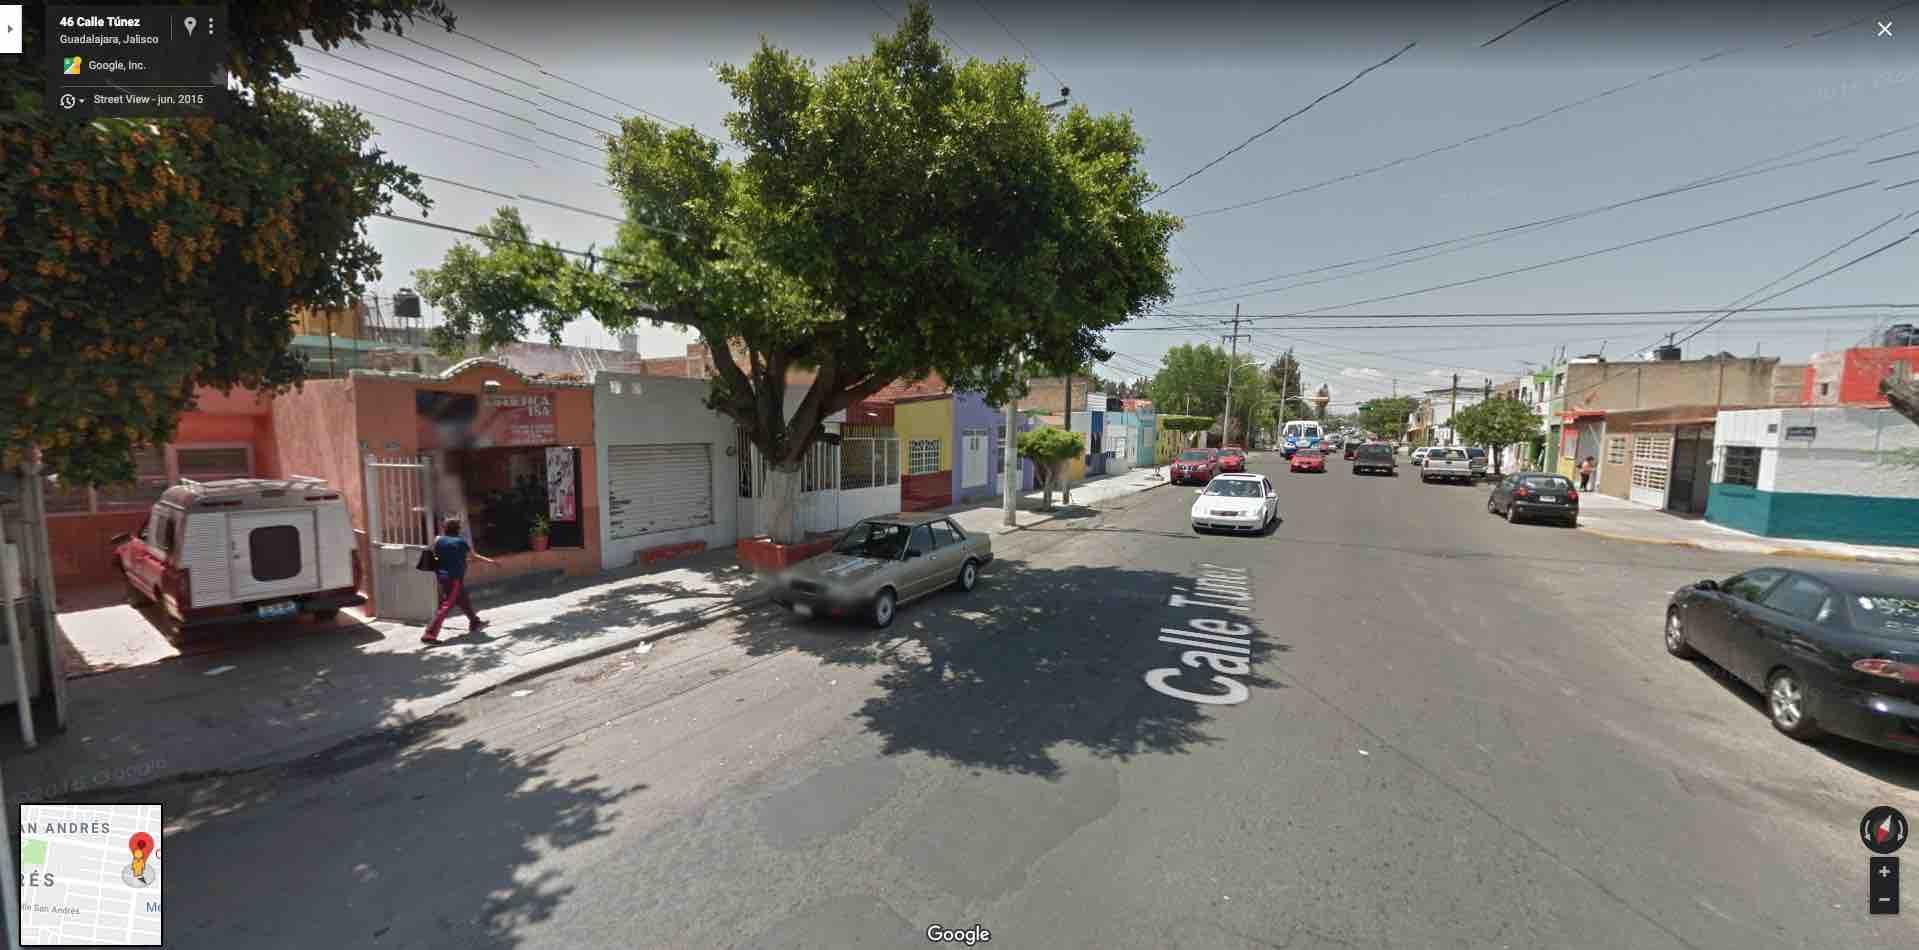 Colonia San Andres, Calle Tunez 38, Guadalajara, Jal. C.P. 44790